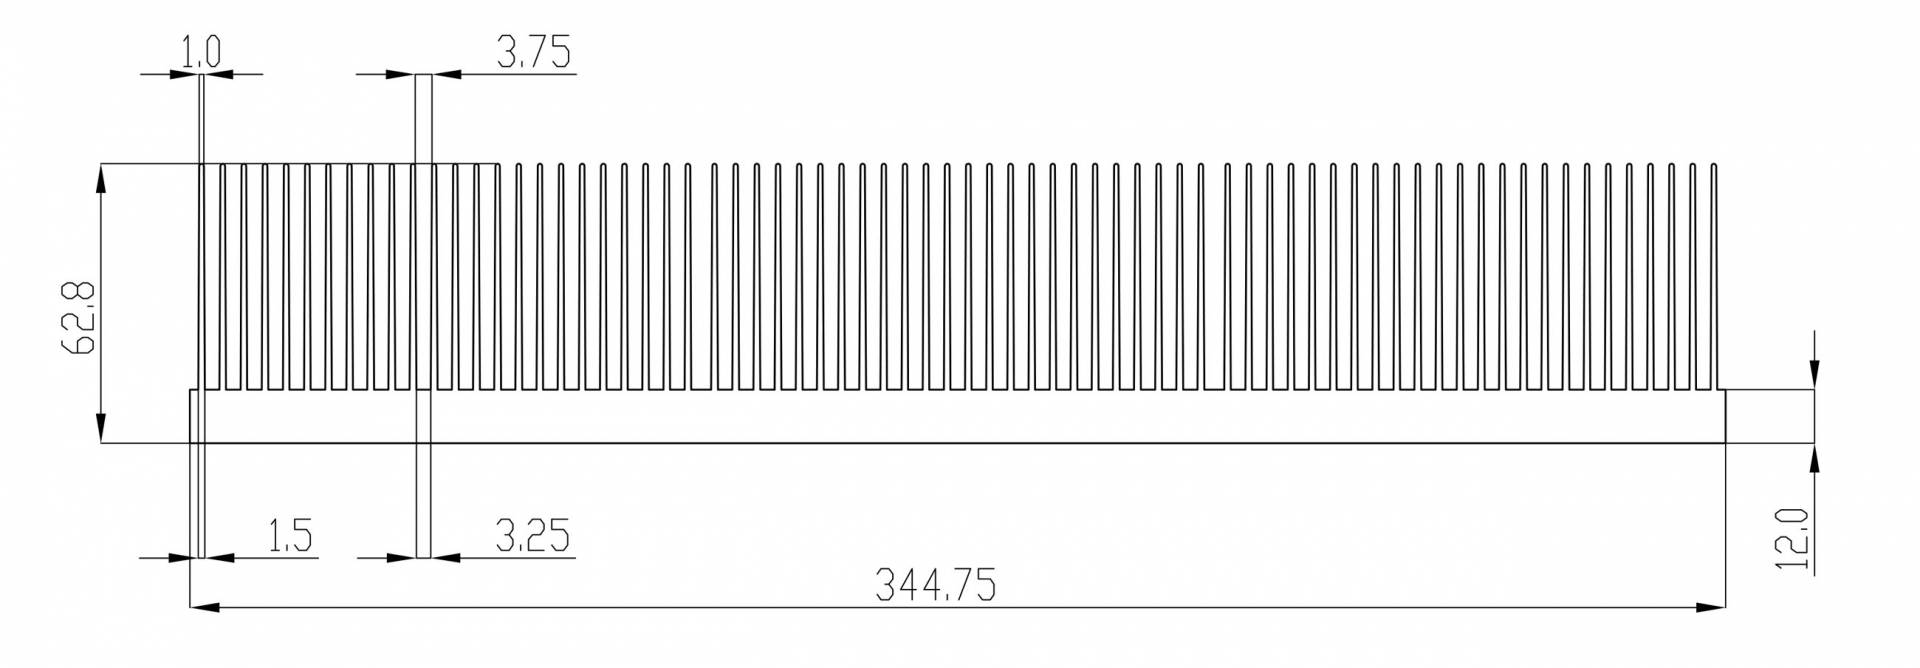 Disipador de calor de extrusión de aluminio (por encima de 200 mm de ancho)